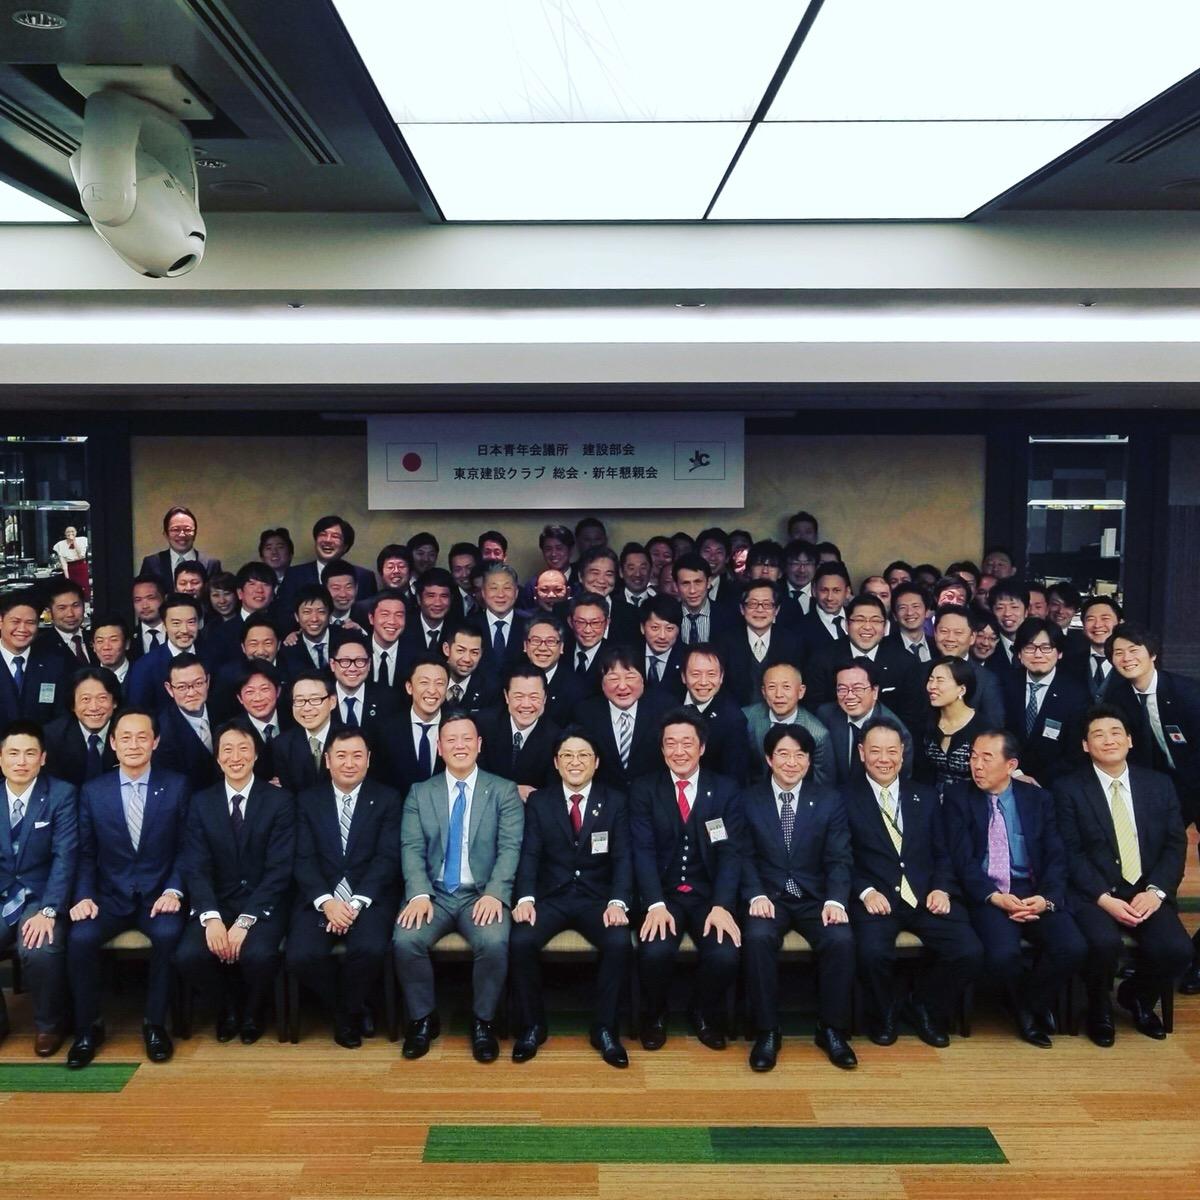 東京建設クラブの総会に参加してきました